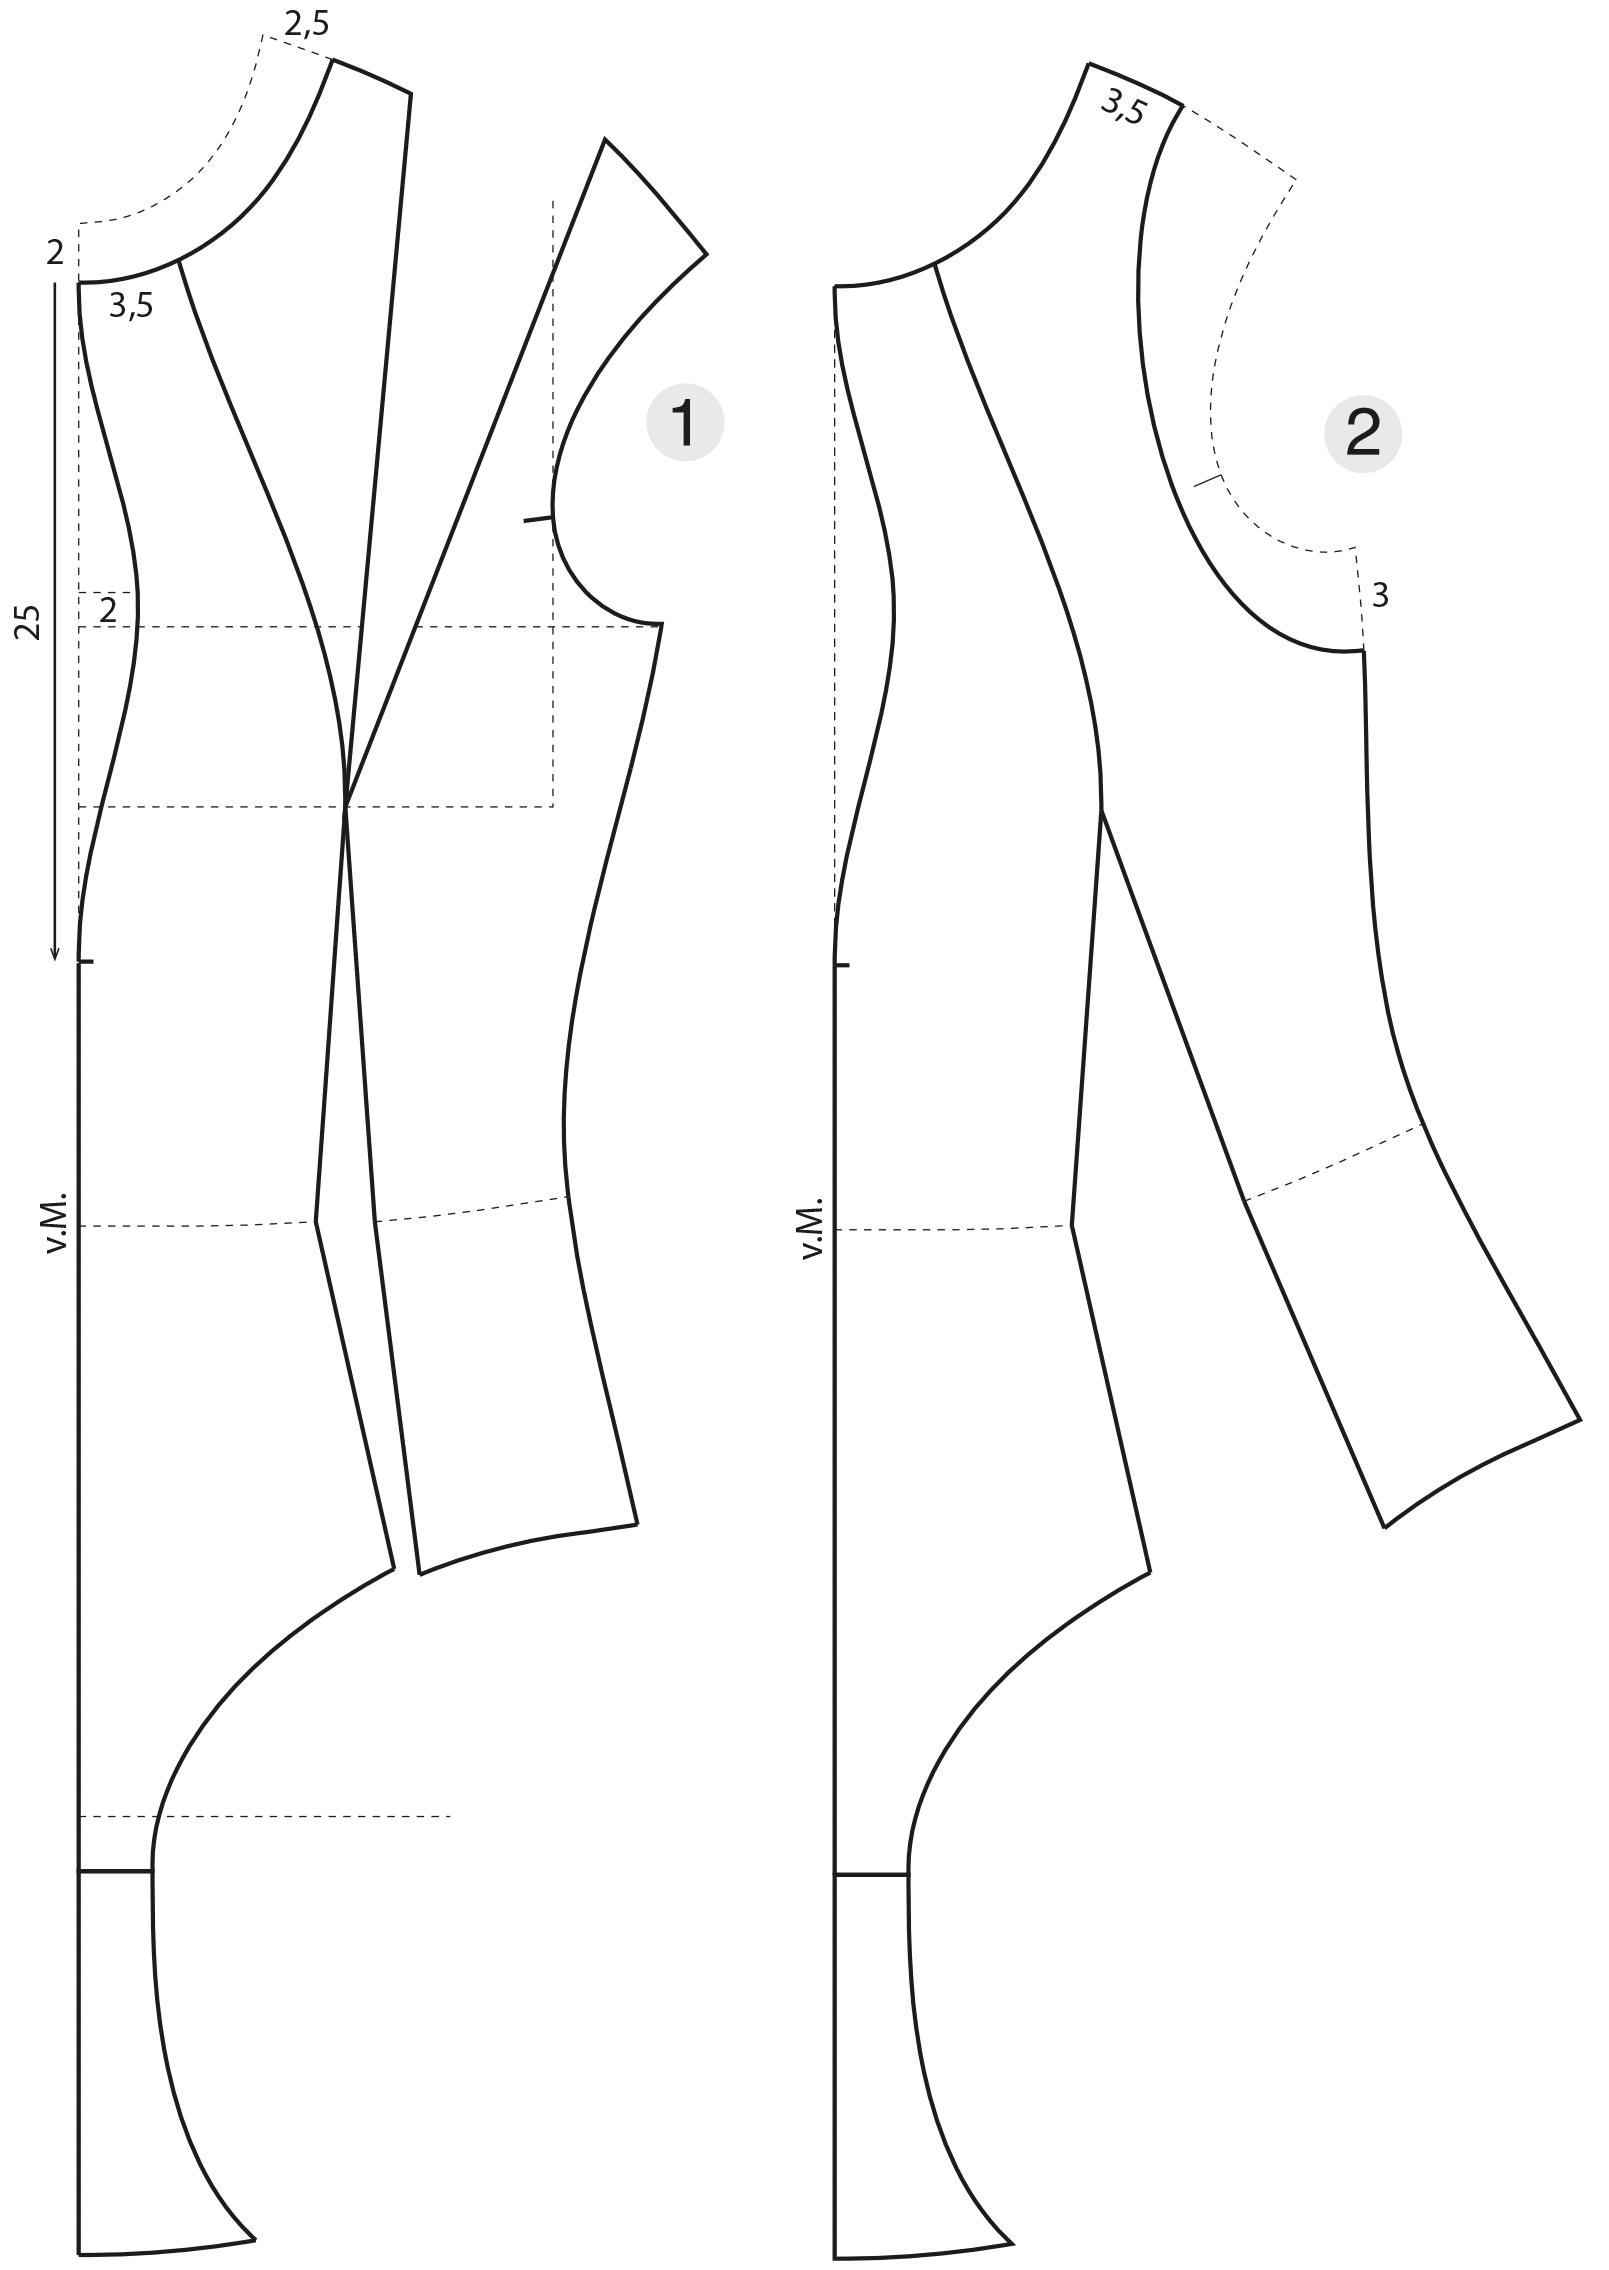 Die Schnittkonstruktion eines Badeanzuges mit Teilungsnähten ist abgebildet.